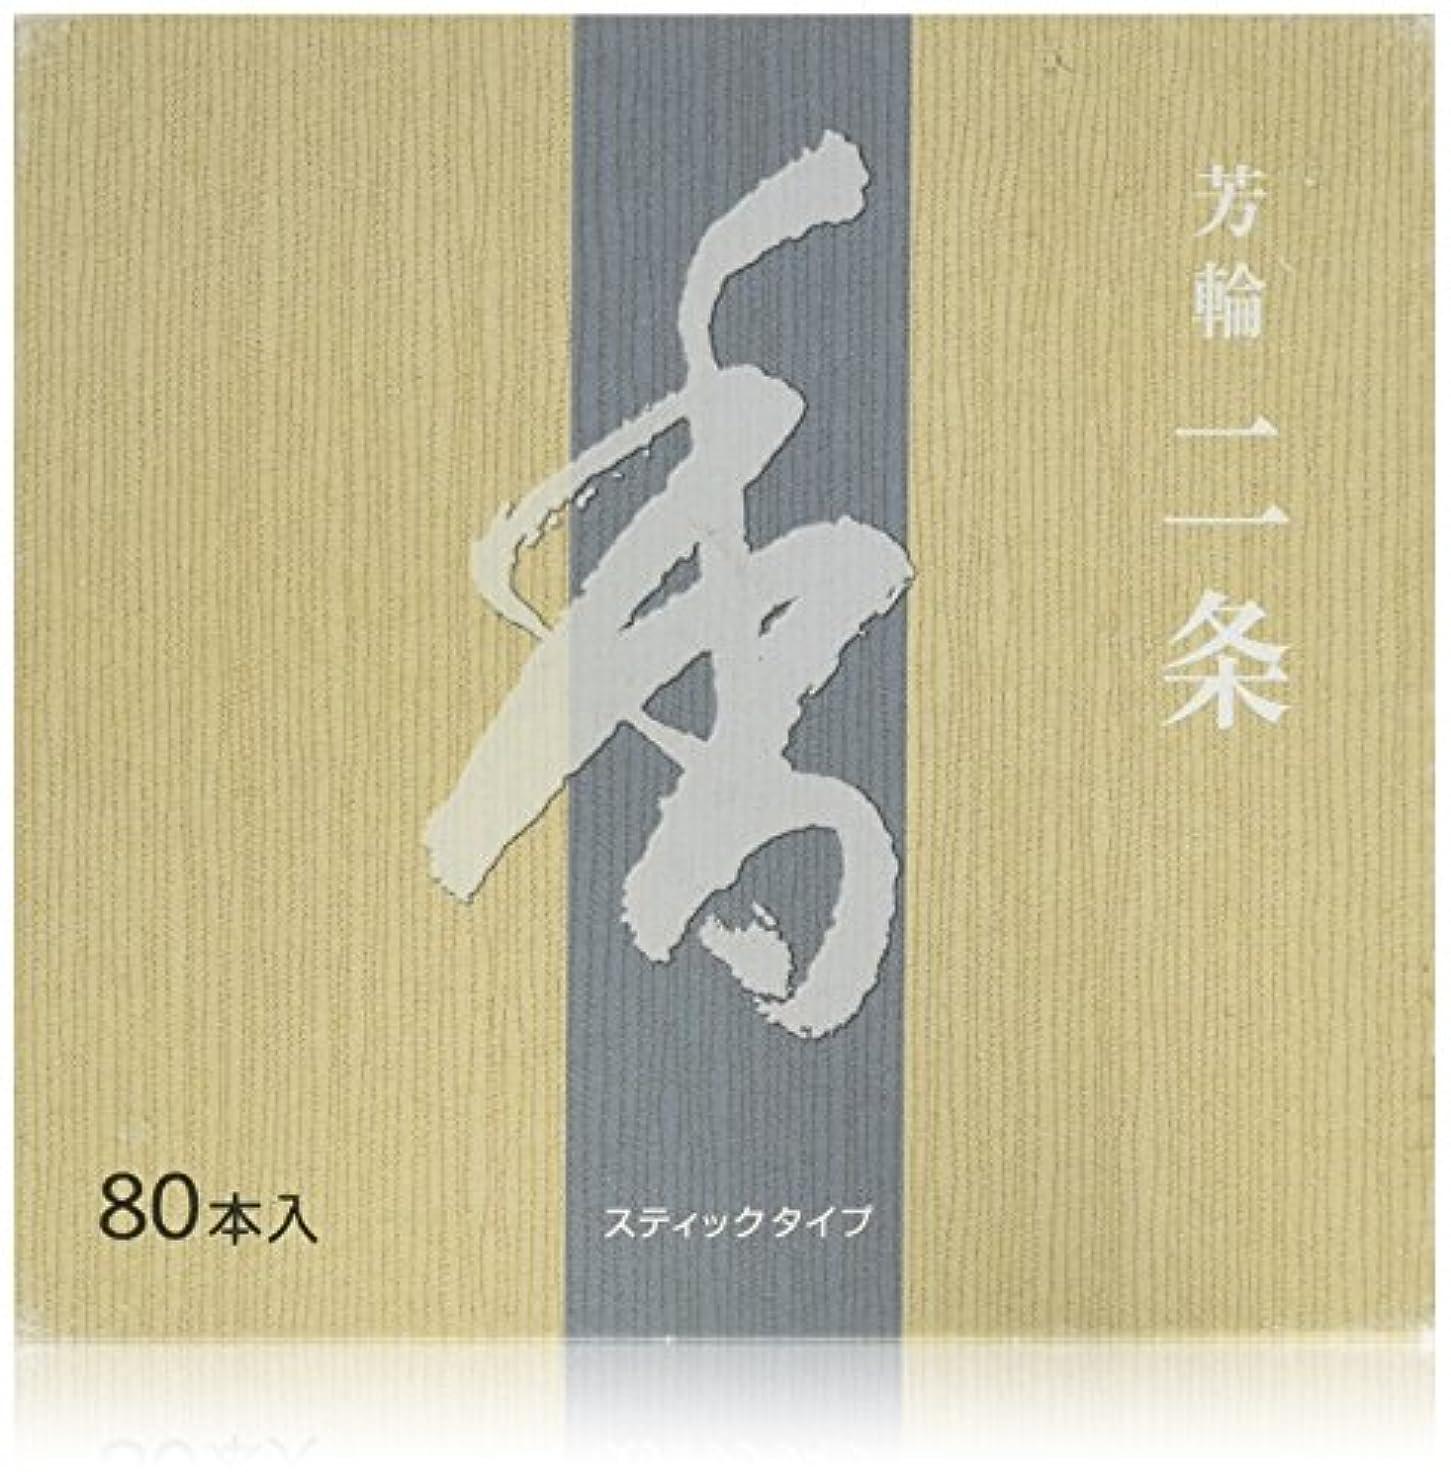 内陸最少タッチ松栄堂のお香 芳輪二条 ST徳用80本入 簡易香立付 #210124